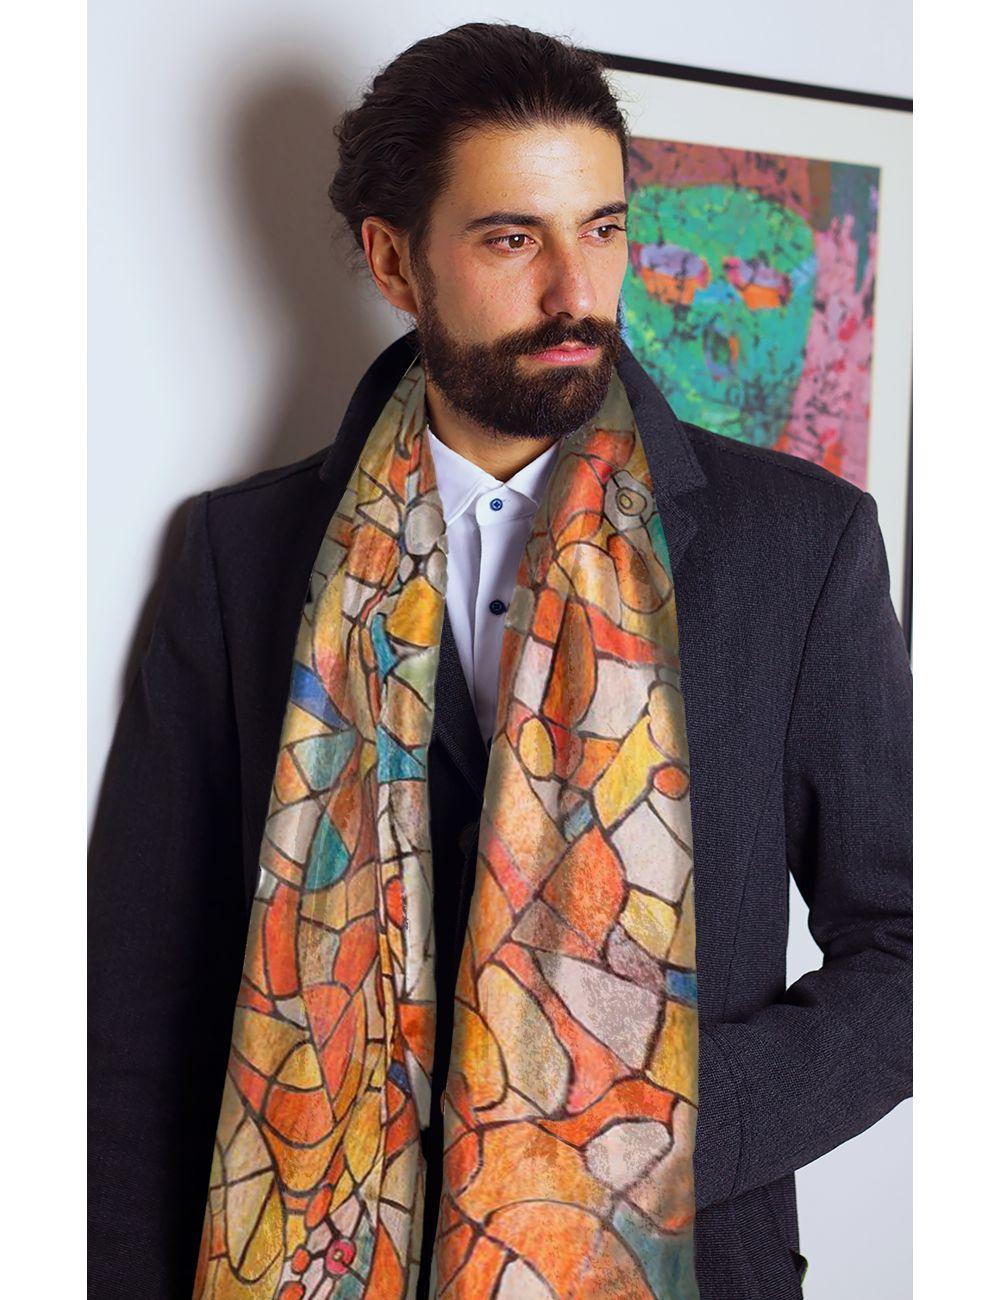 Vitrall de llum, fulard de seda natural, inspirat en els vitralls de la Sagrada Familia en tons vermells, taronges.